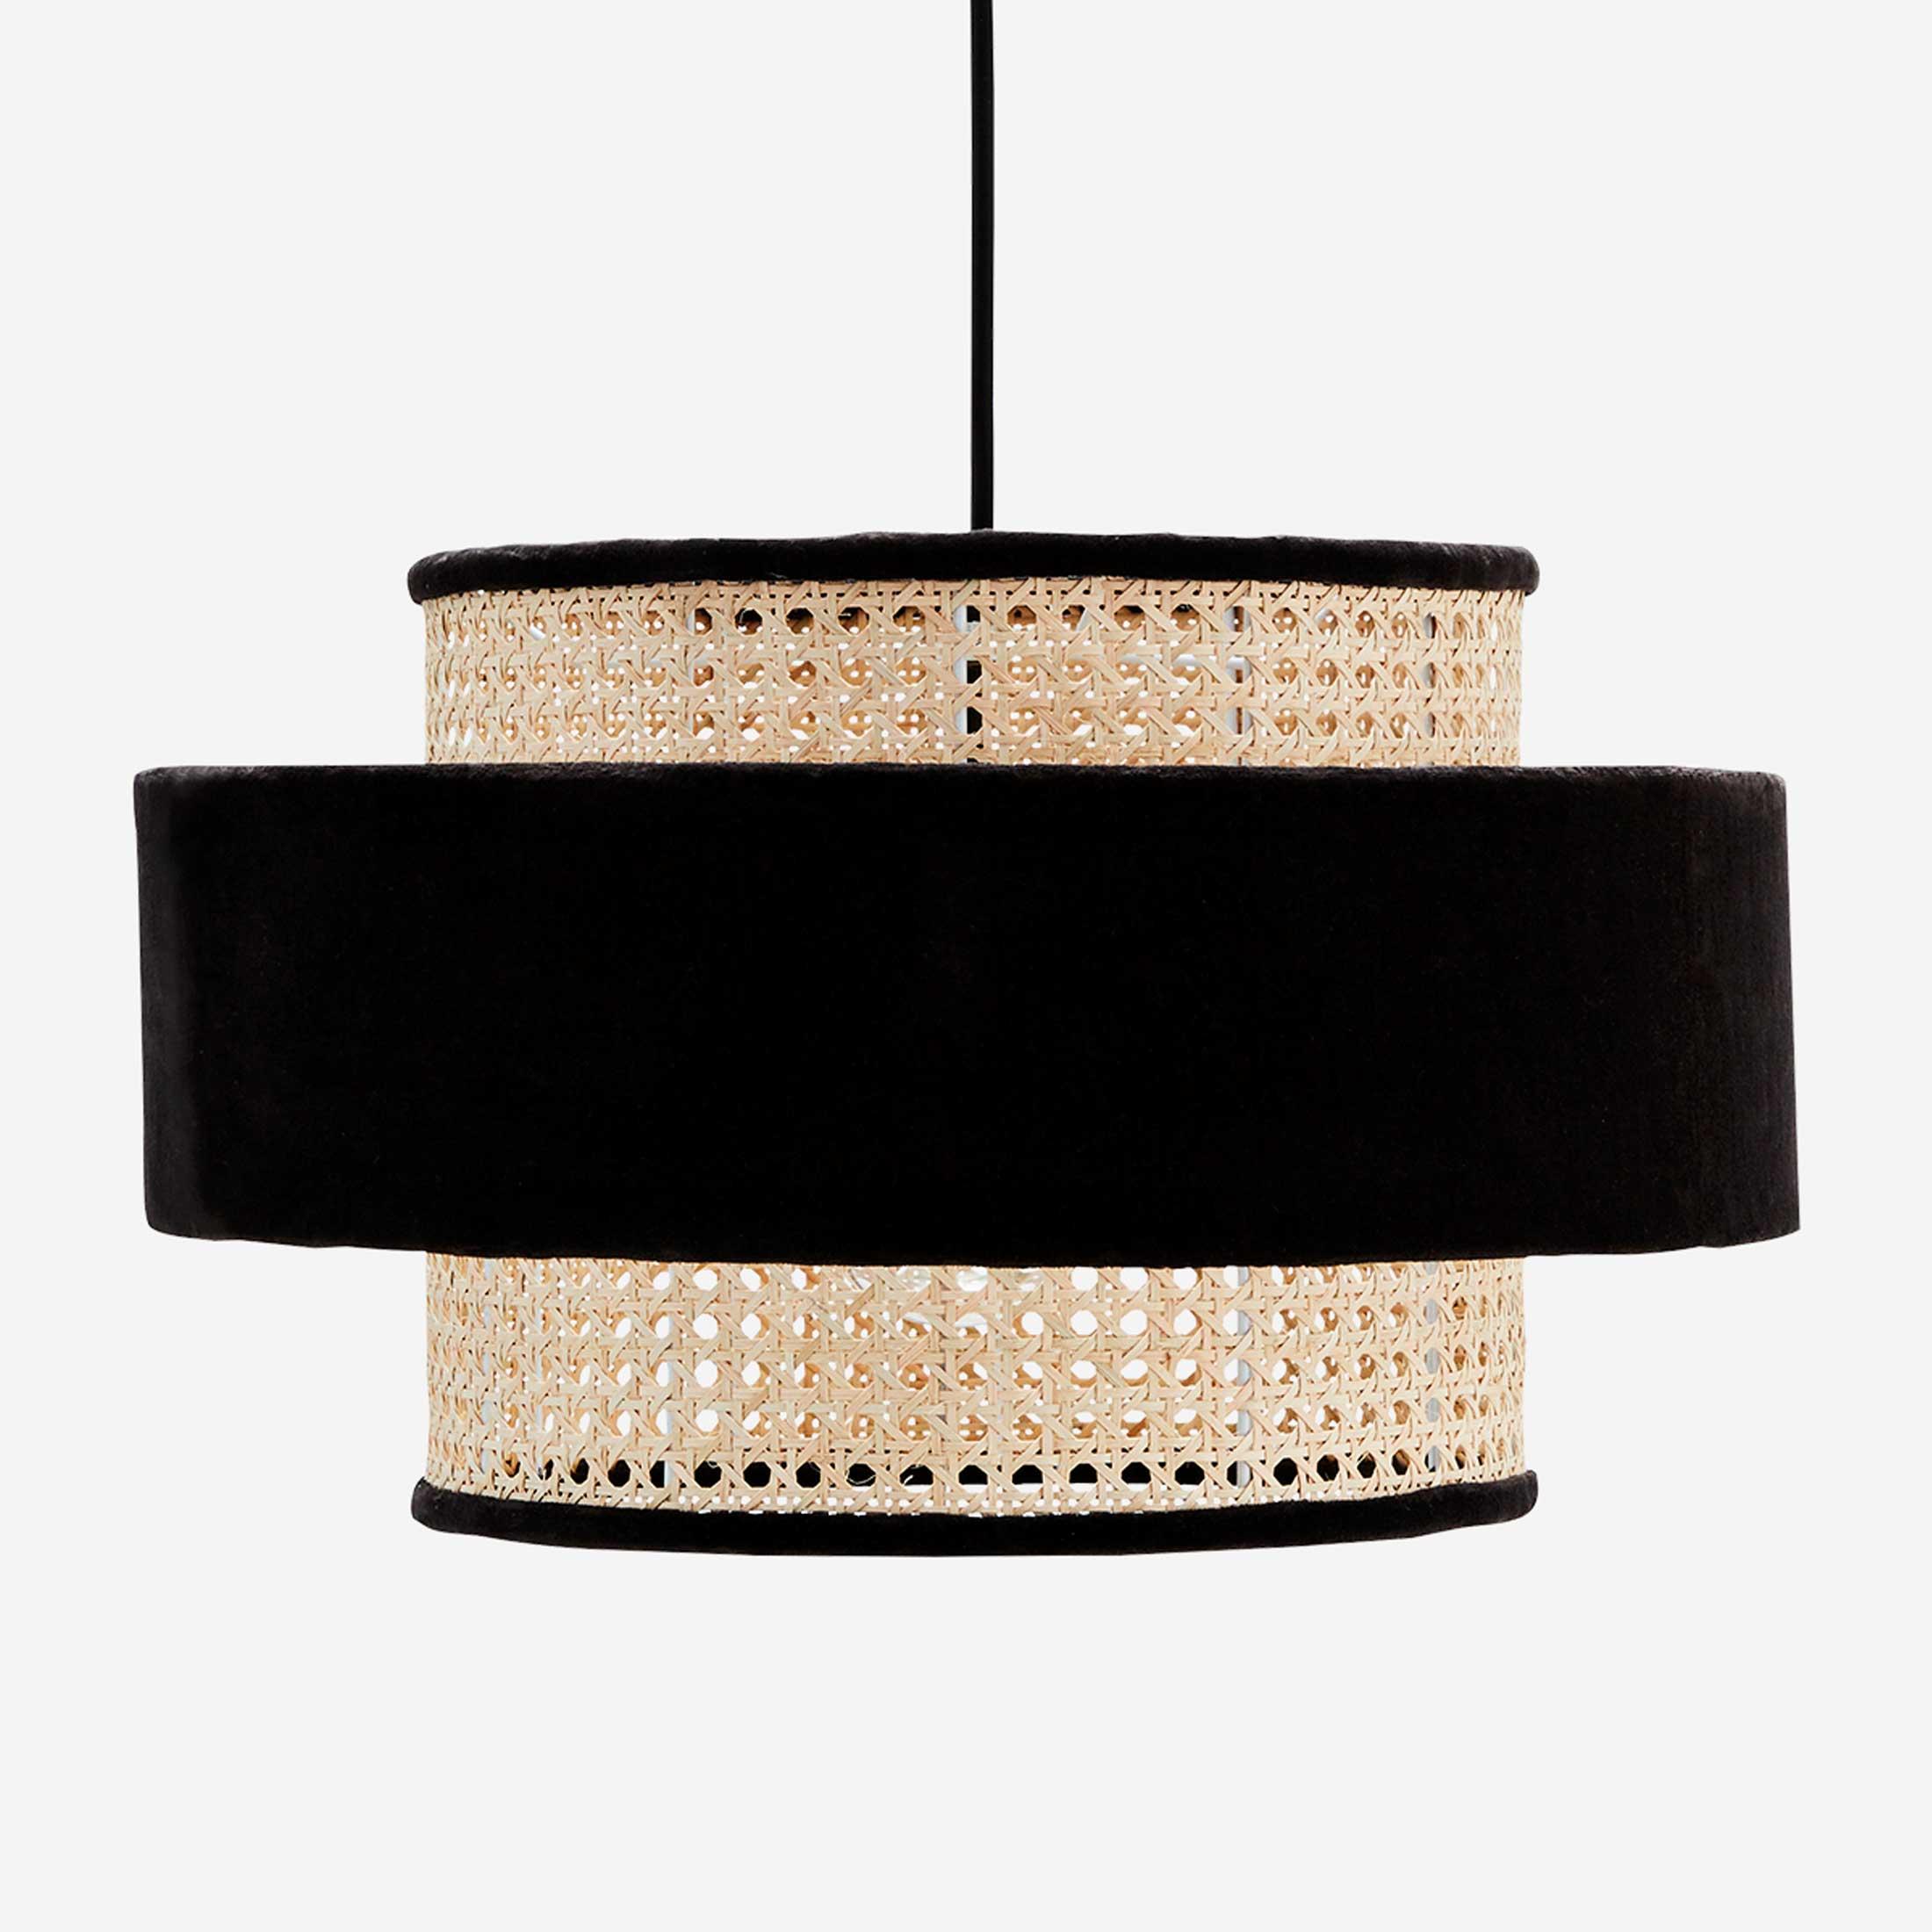 Full Size of Deckenlampe Skandinavisch Bambus Lampe Samt Schwarz Hngelampe Im Soulbirdee Onlineshop Deckenlampen Für Wohnzimmer Bad Esstisch Schlafzimmer Bett Küche Wohnzimmer Deckenlampe Skandinavisch